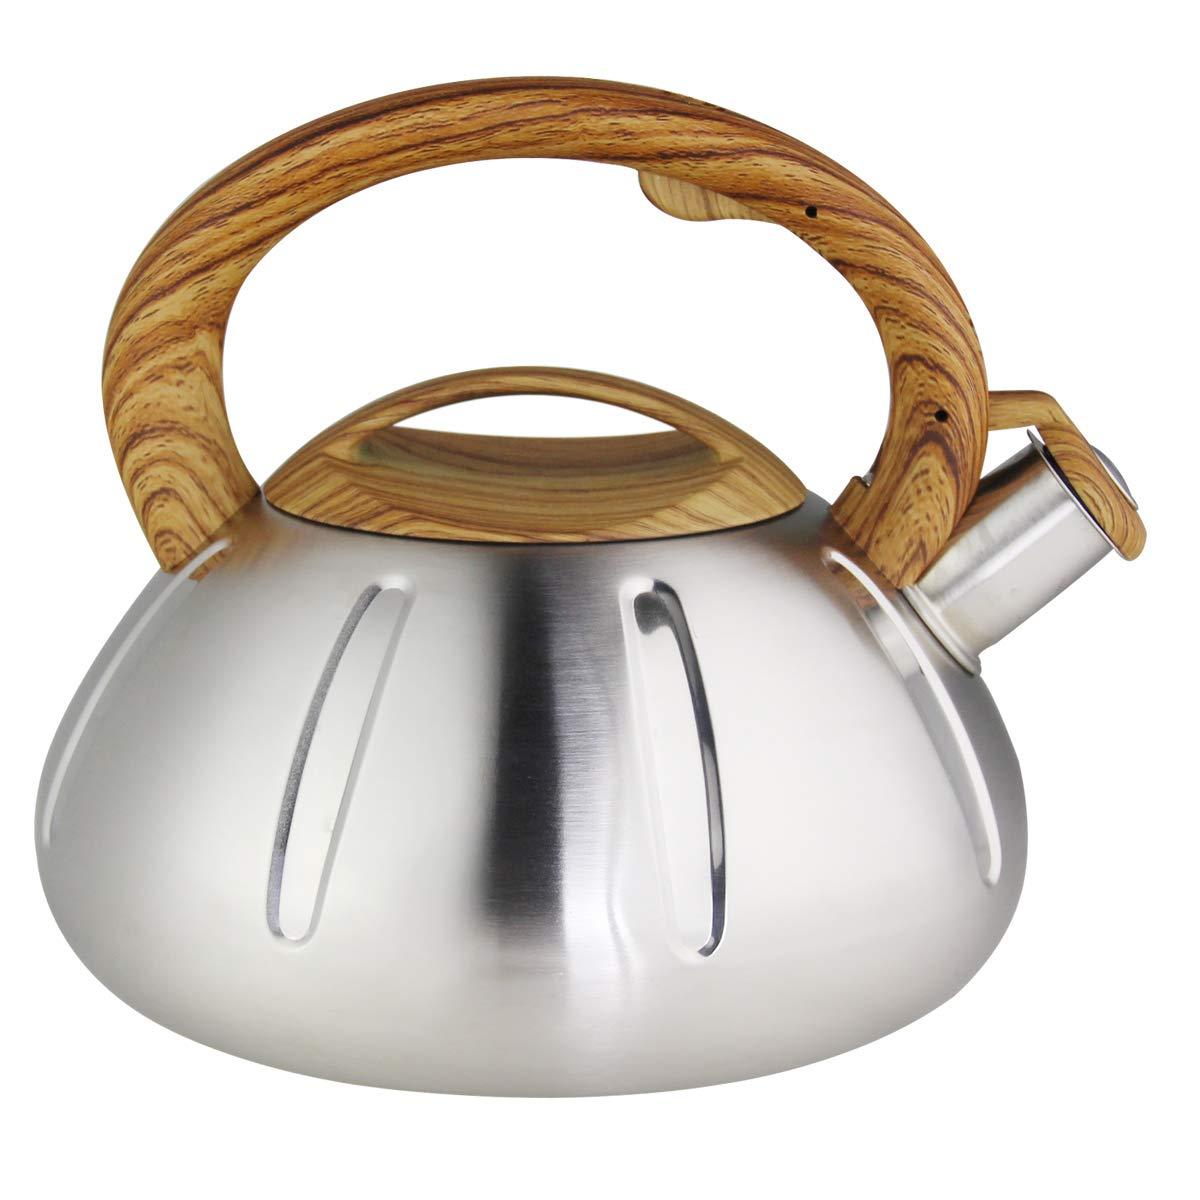 Riwendell Stainless Steel Whistling Tea Kettle 2.6-Quart StoveTop Kettle Teapot (GS-04038B-2.5L)